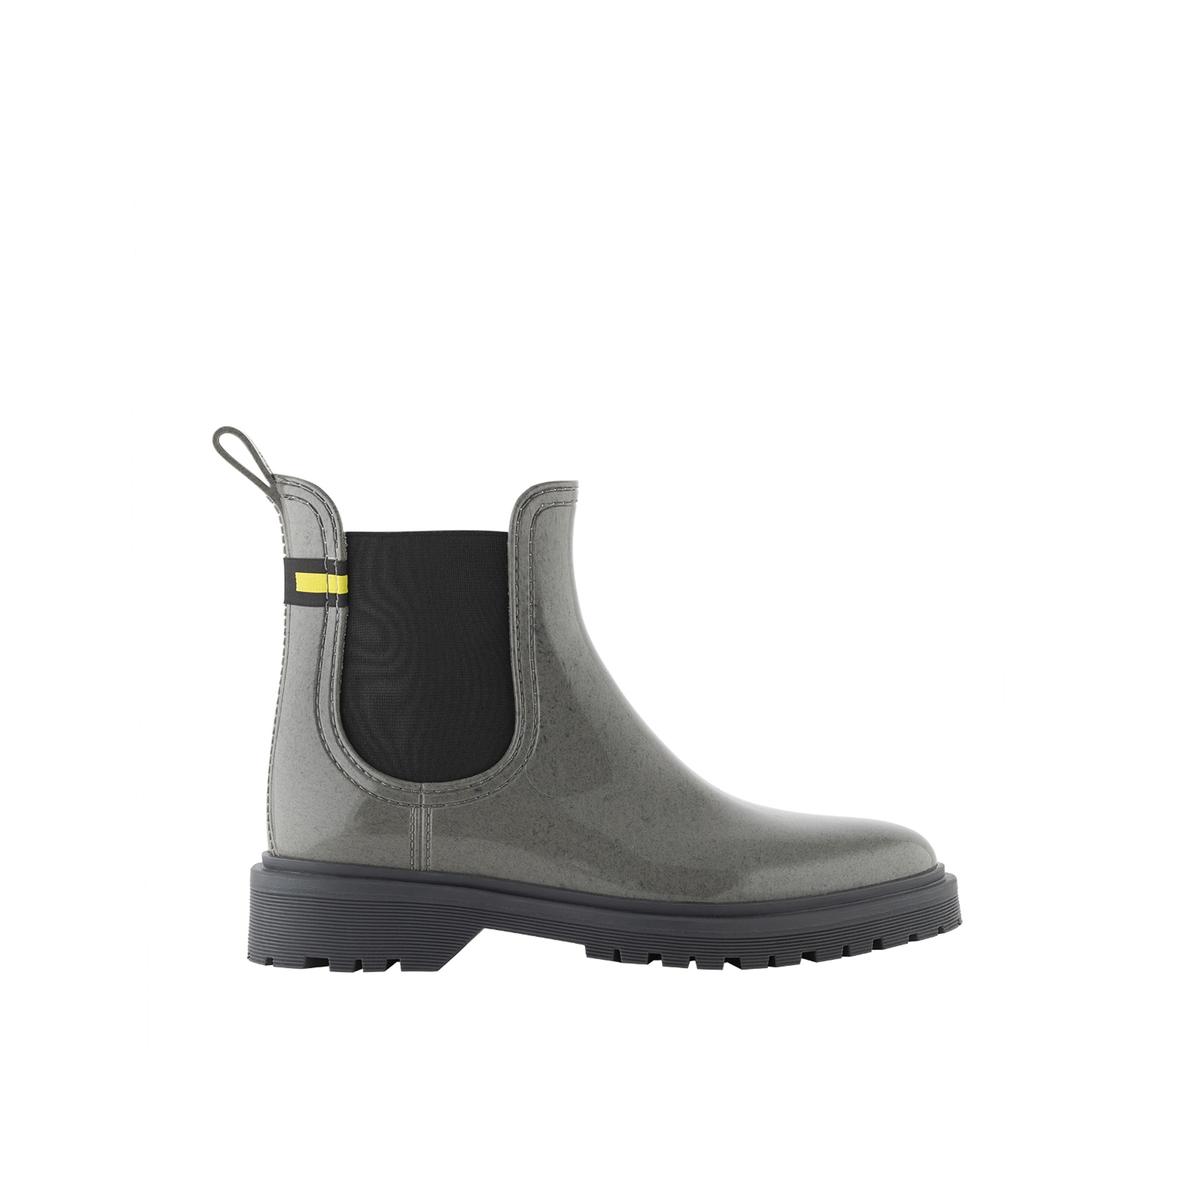 Ботинки La Redoute Резиновые Maren 39 серый